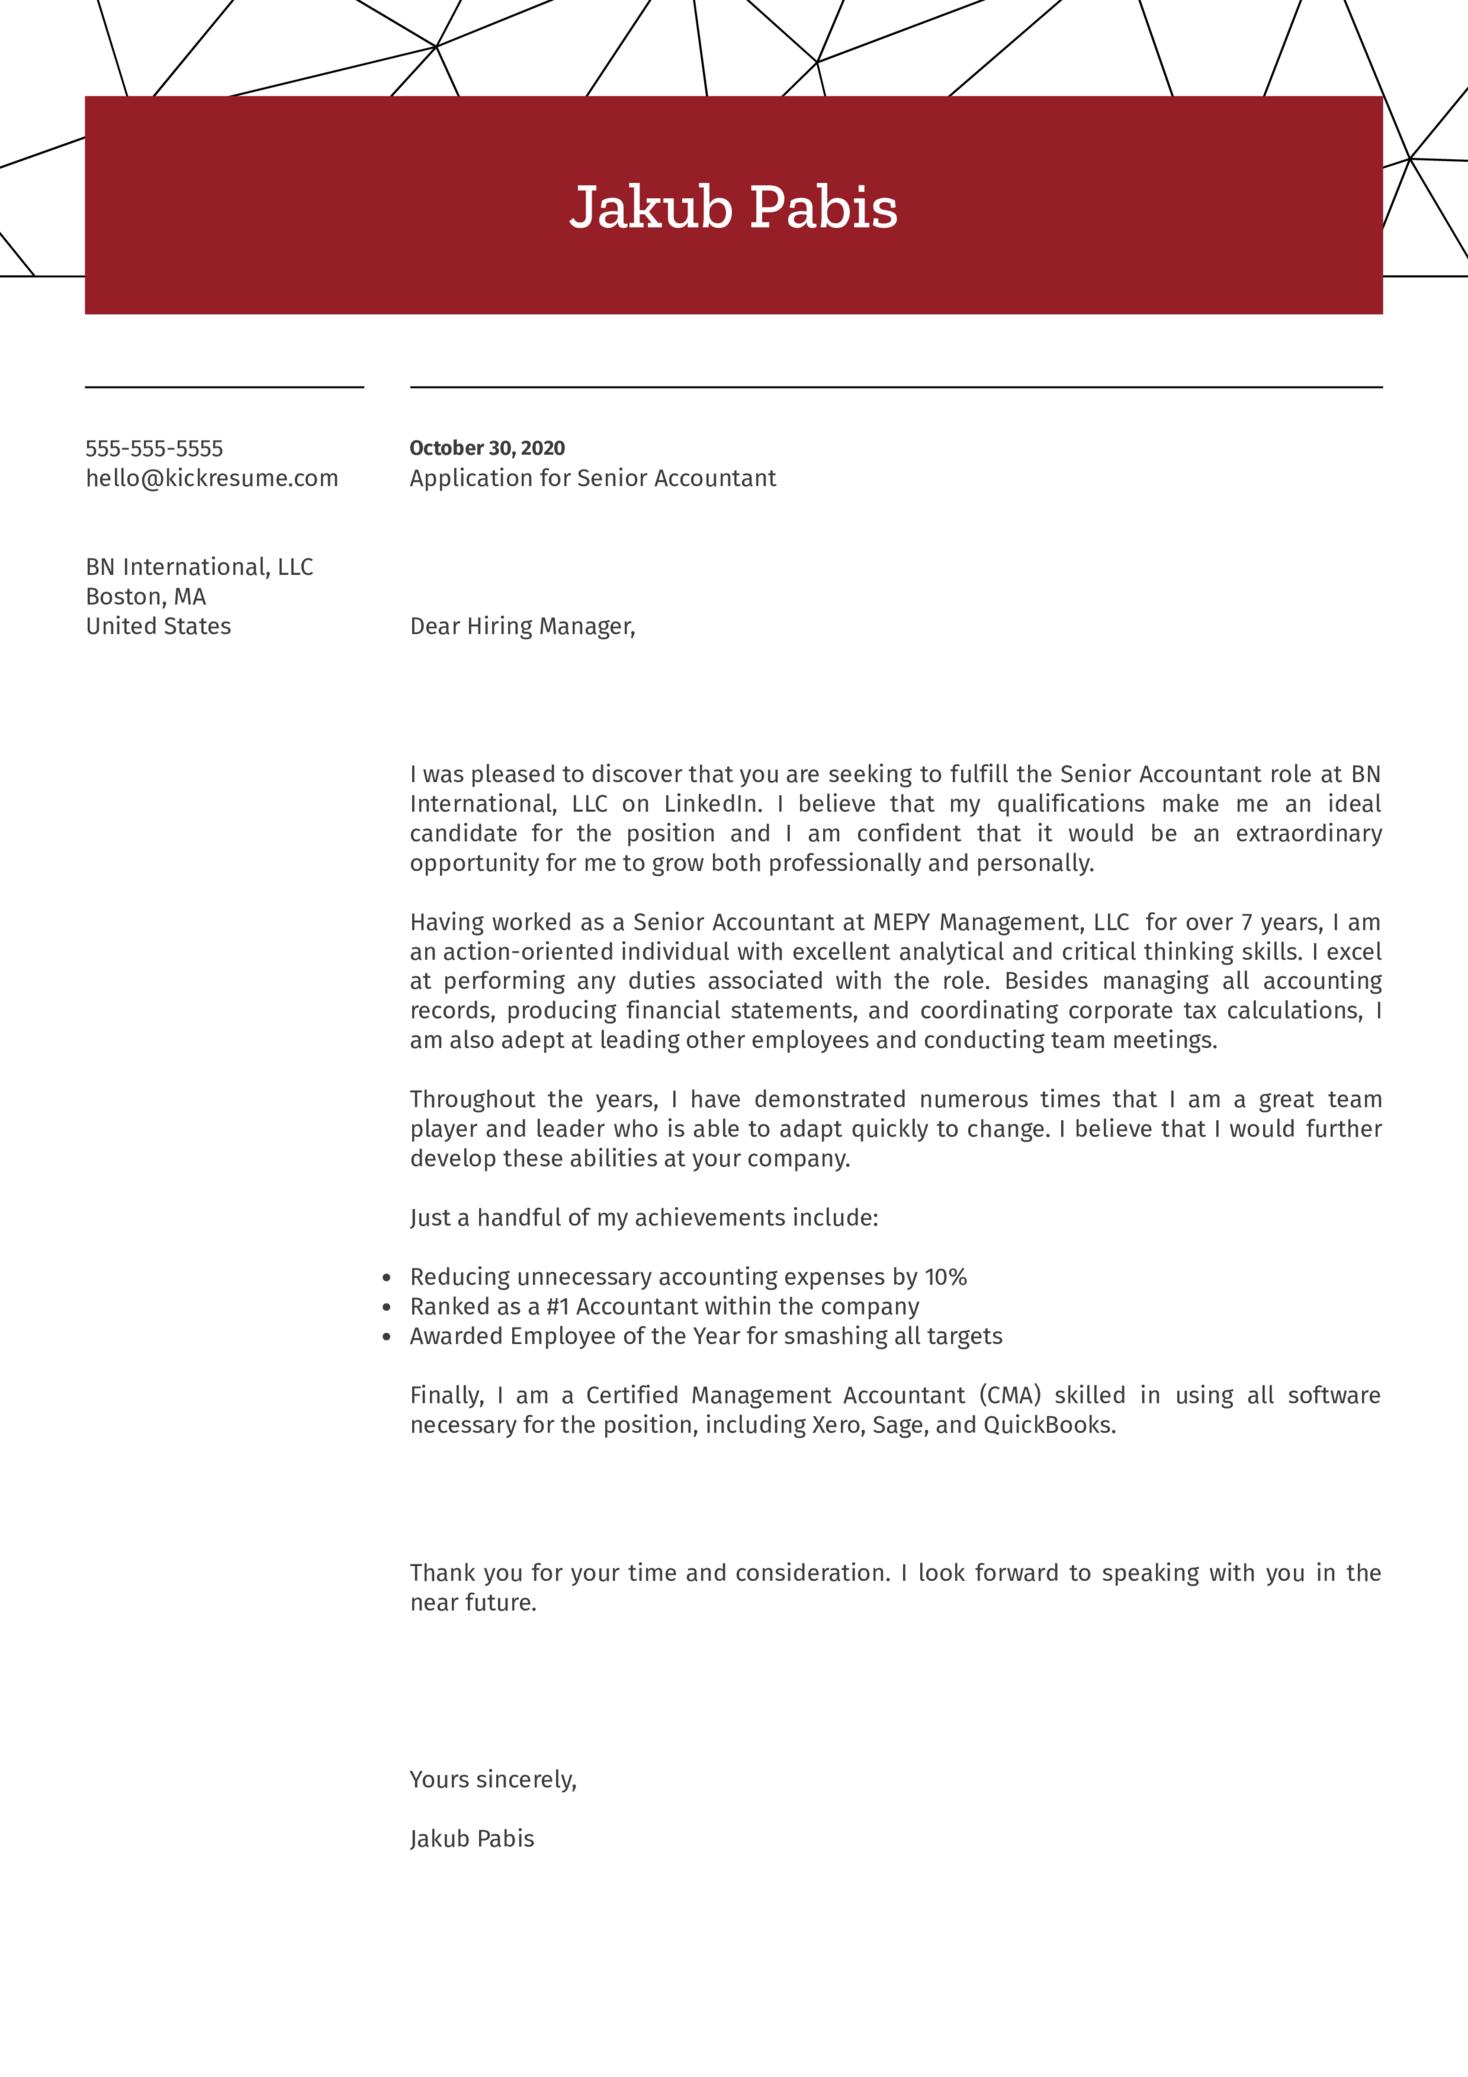 Senior Accountant Cover Letter Sample